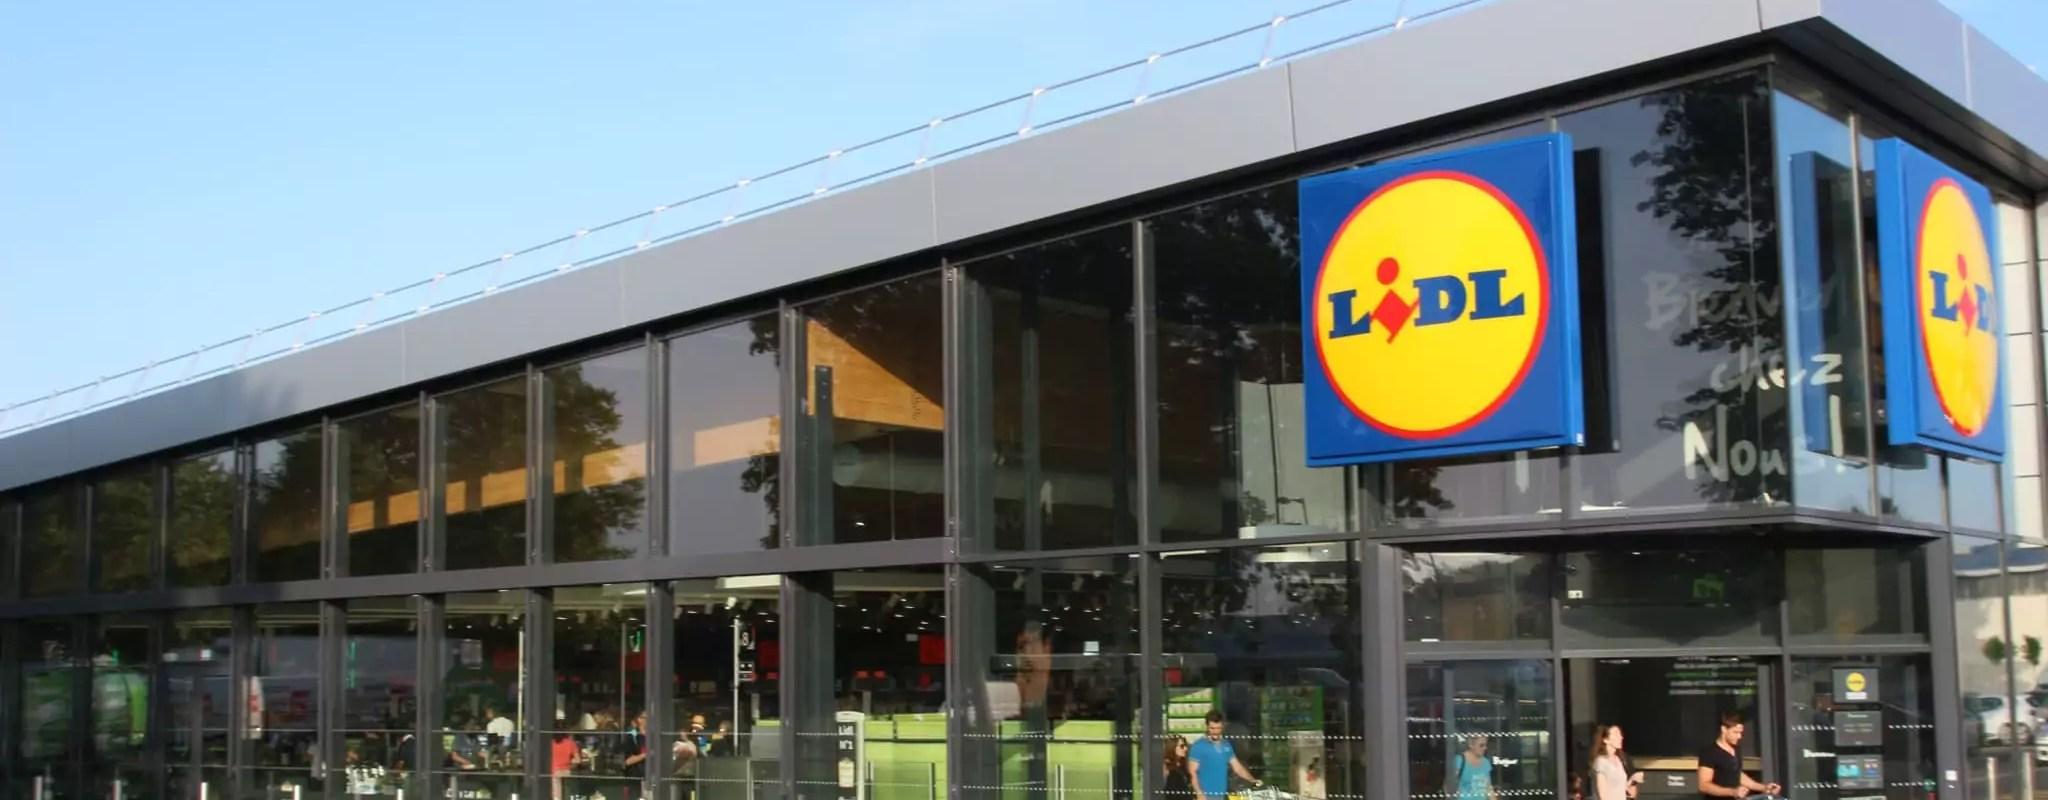 Six nouveaux centres commerciaux Lidl en Alsace d'ici 2019